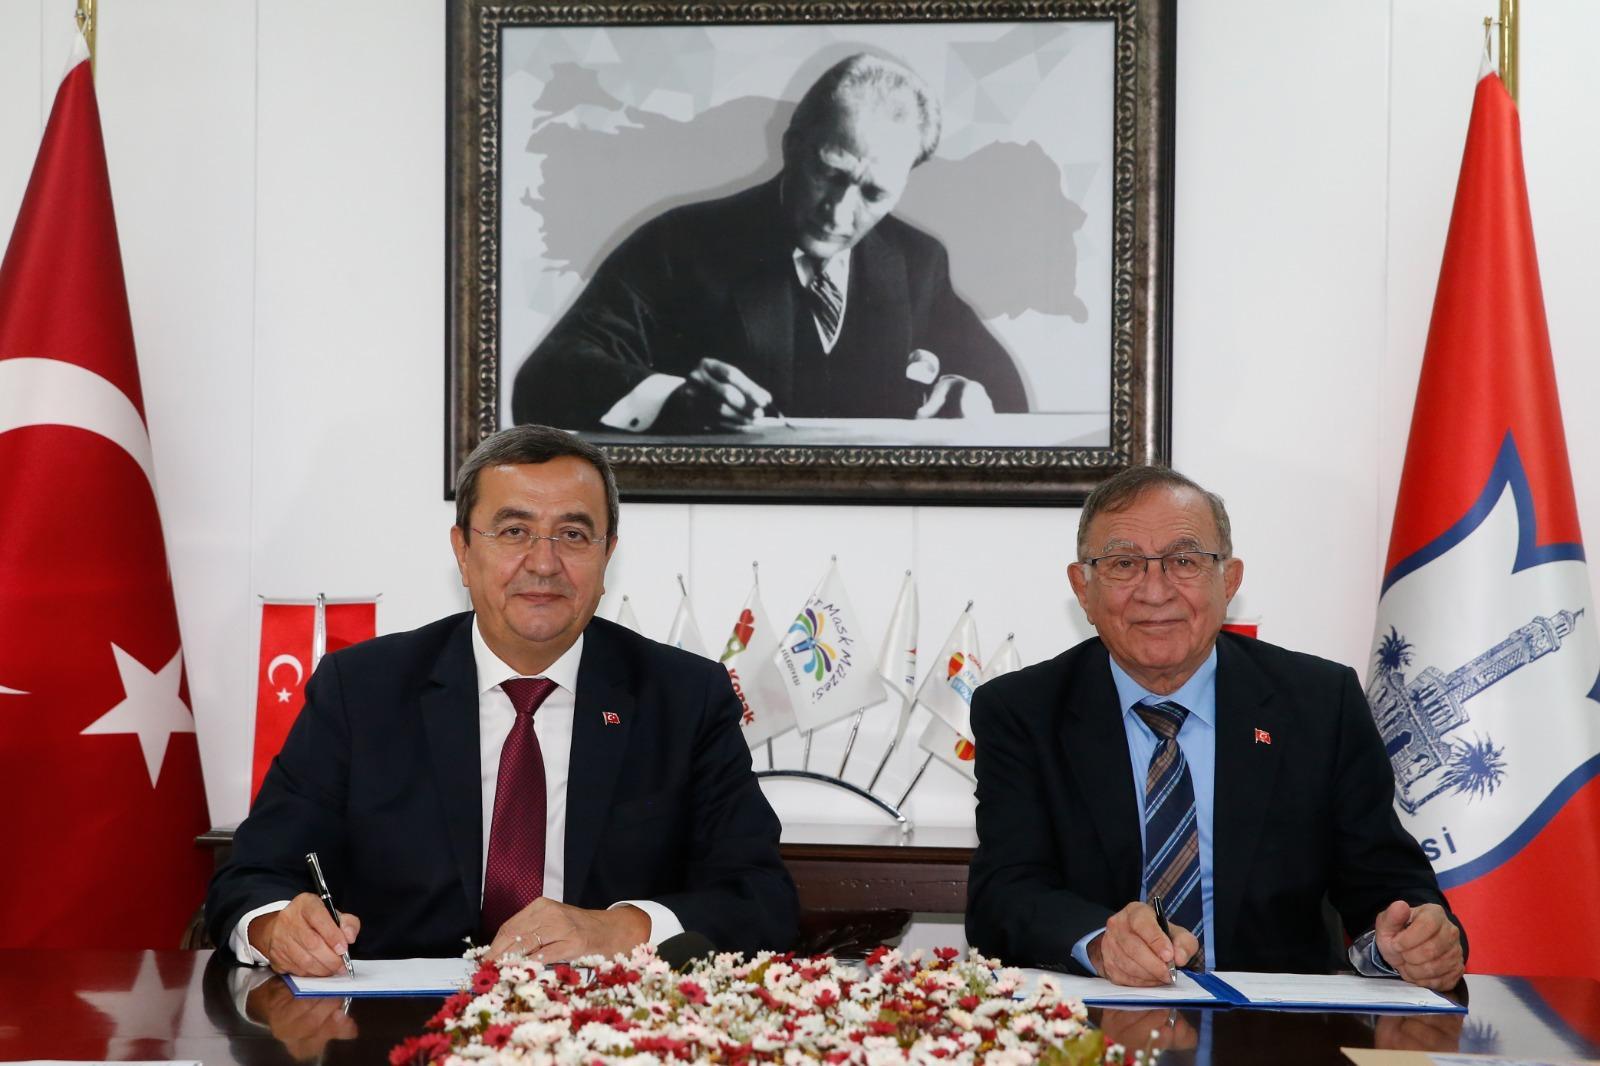 Konak Belediyesi ve Adana Seyhan Belediyesi kardeş şehir oldu (2)-1